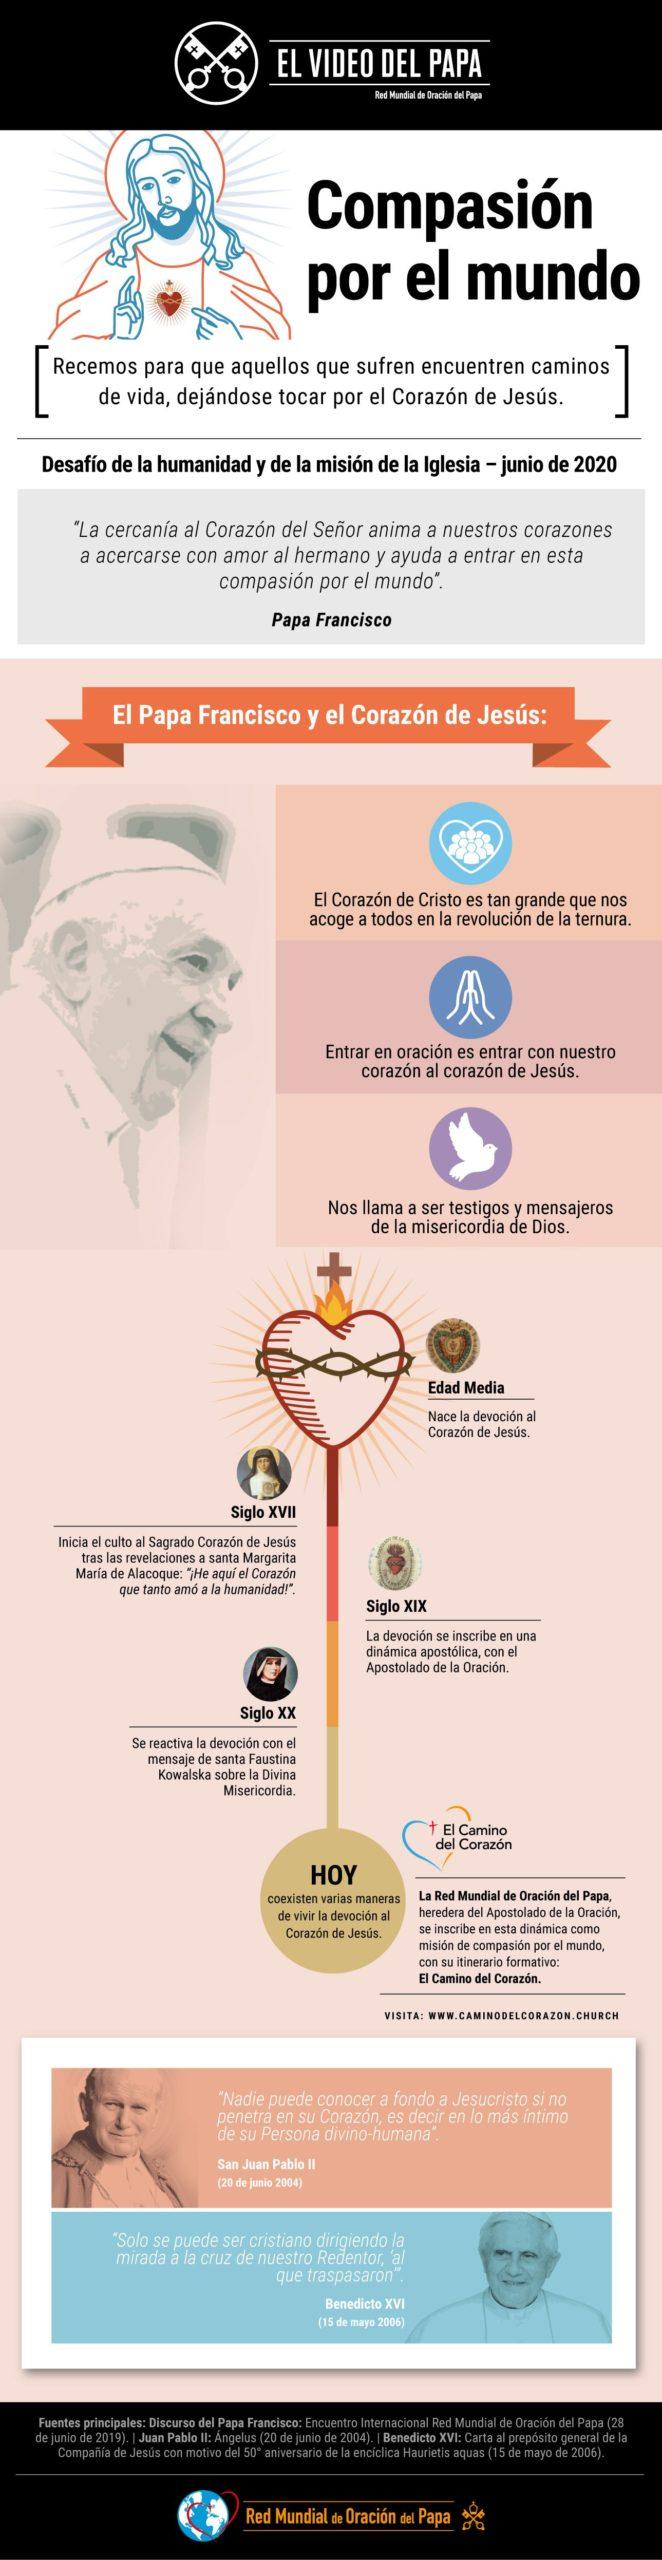 Infografía - TPV 6 2020 ES - El Video del Papa - Compasión por el mundo